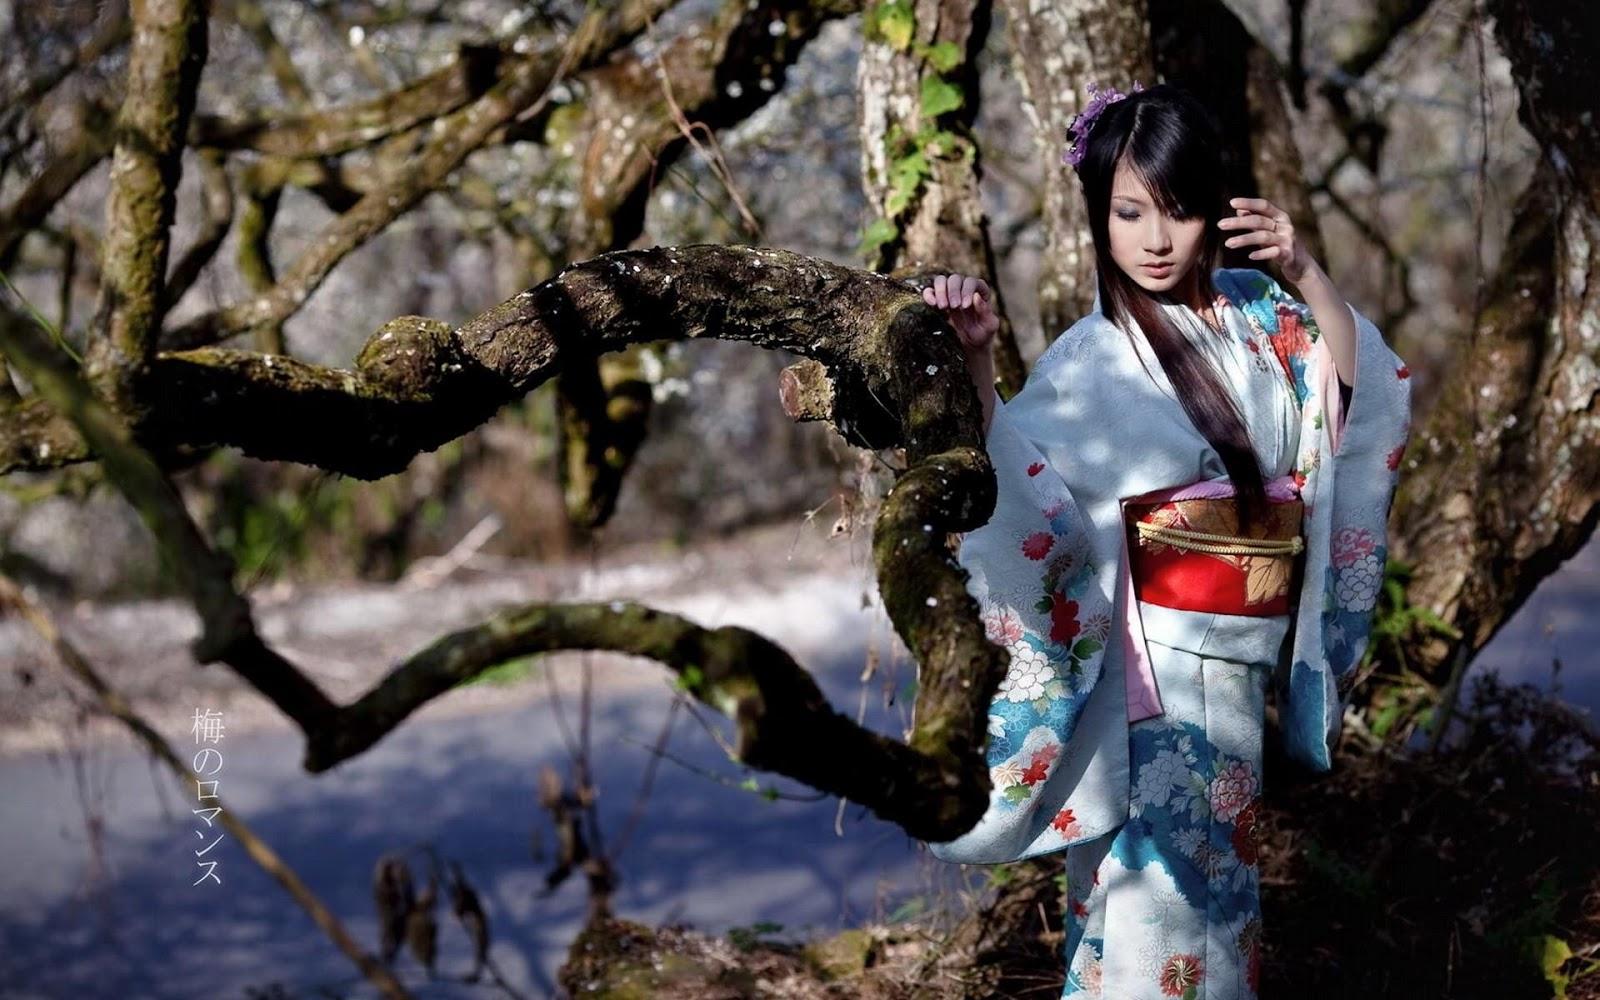 http://2.bp.blogspot.com/-oAeS070pLdw/UPSGI8djVjI/AAAAAAAAzDY/4iTgxlvRCg8/s1600/Hermosa-Chica-con-un-Kimono-Japones_Imagenes-de-Chicas-Japonesas.jpg